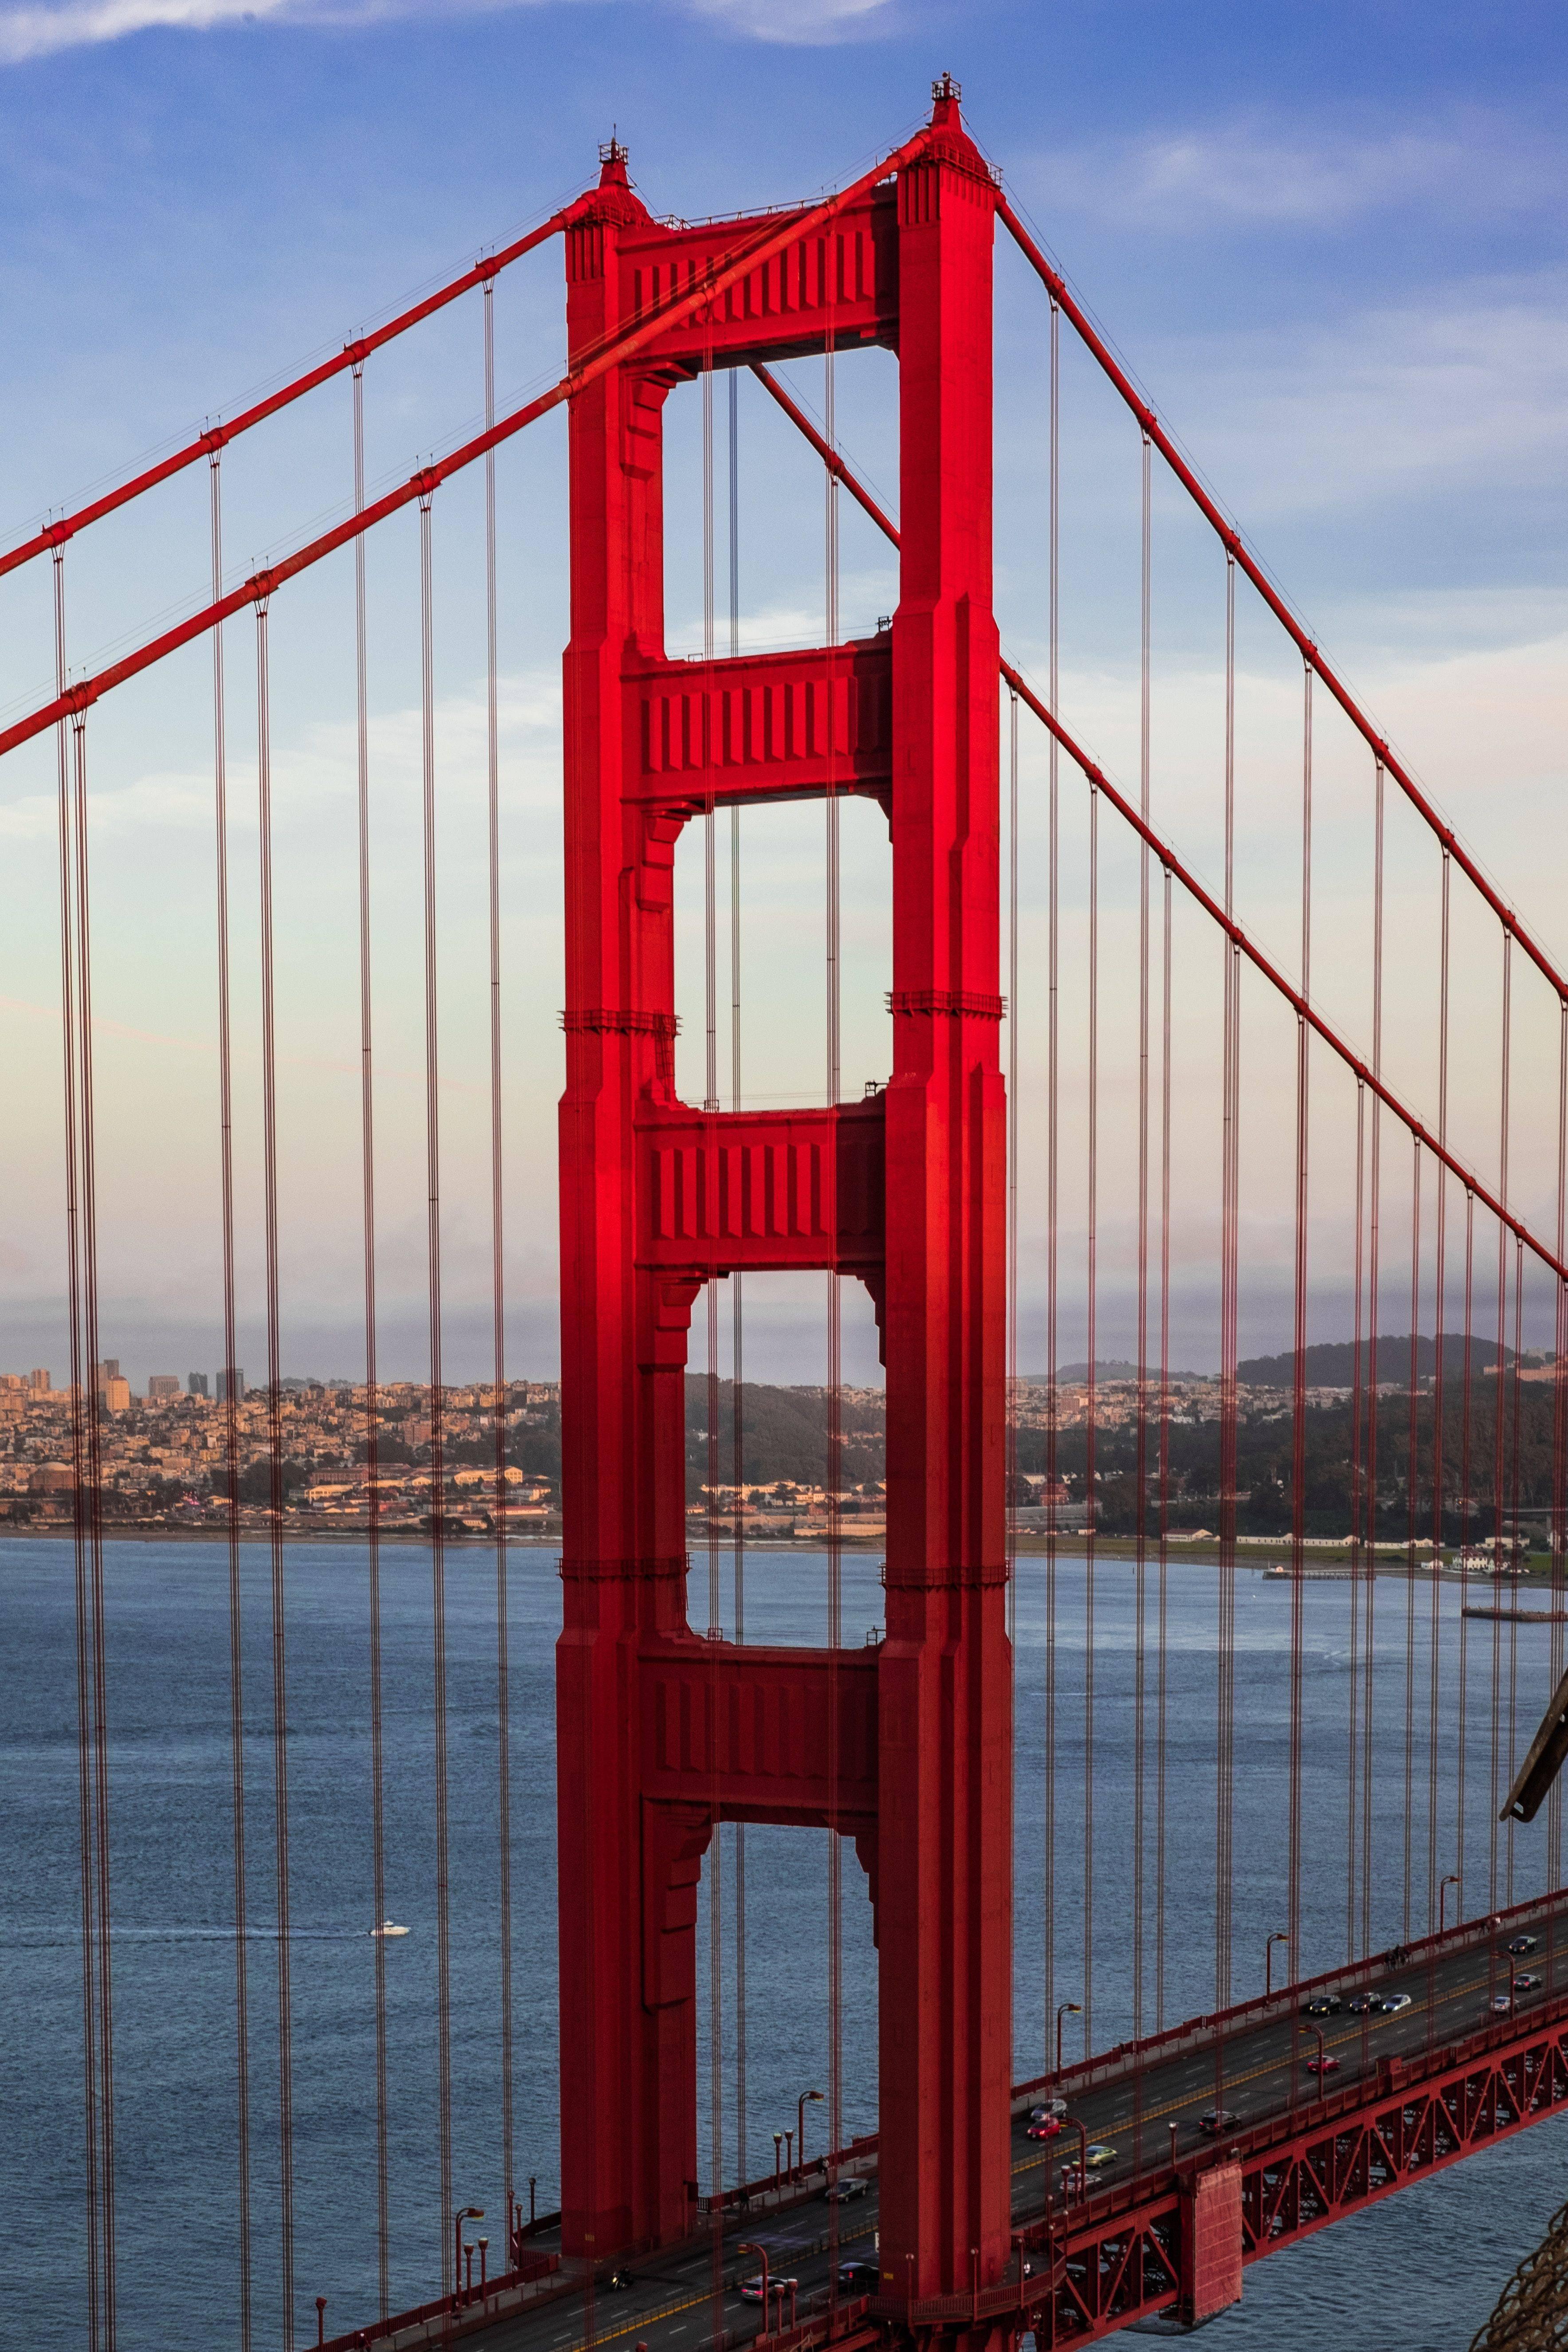 Мост золотые ворота в сан-франциско ? описание и фото, мост между сан-франциско и оклендом, где находится, высота, история строительства golden gate bridge